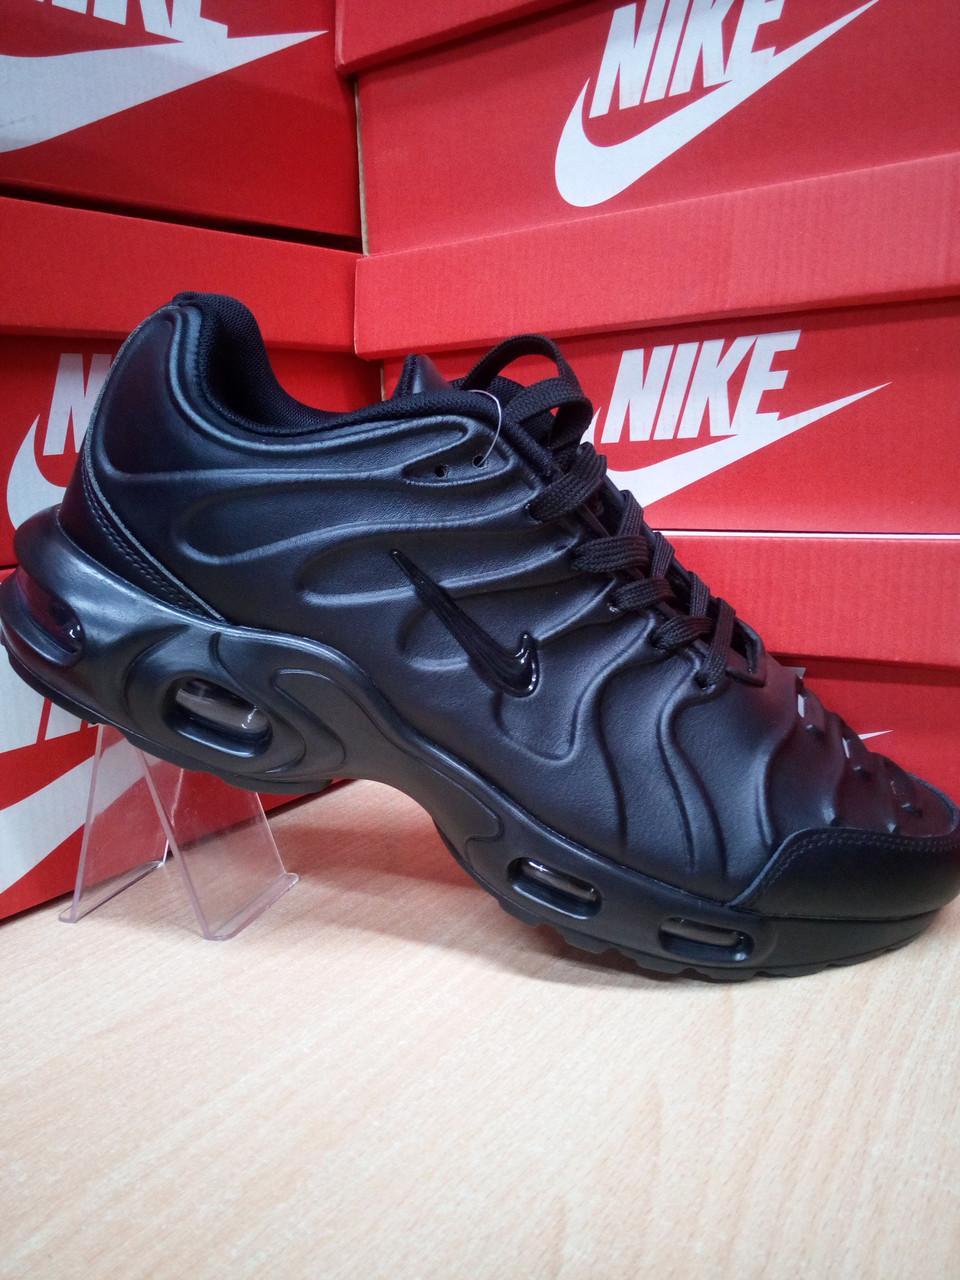 4c077e8b Мужские Кроссовки Найк Аир Макс Тн Плюс/Nike Air Max Tn Plus — в ...